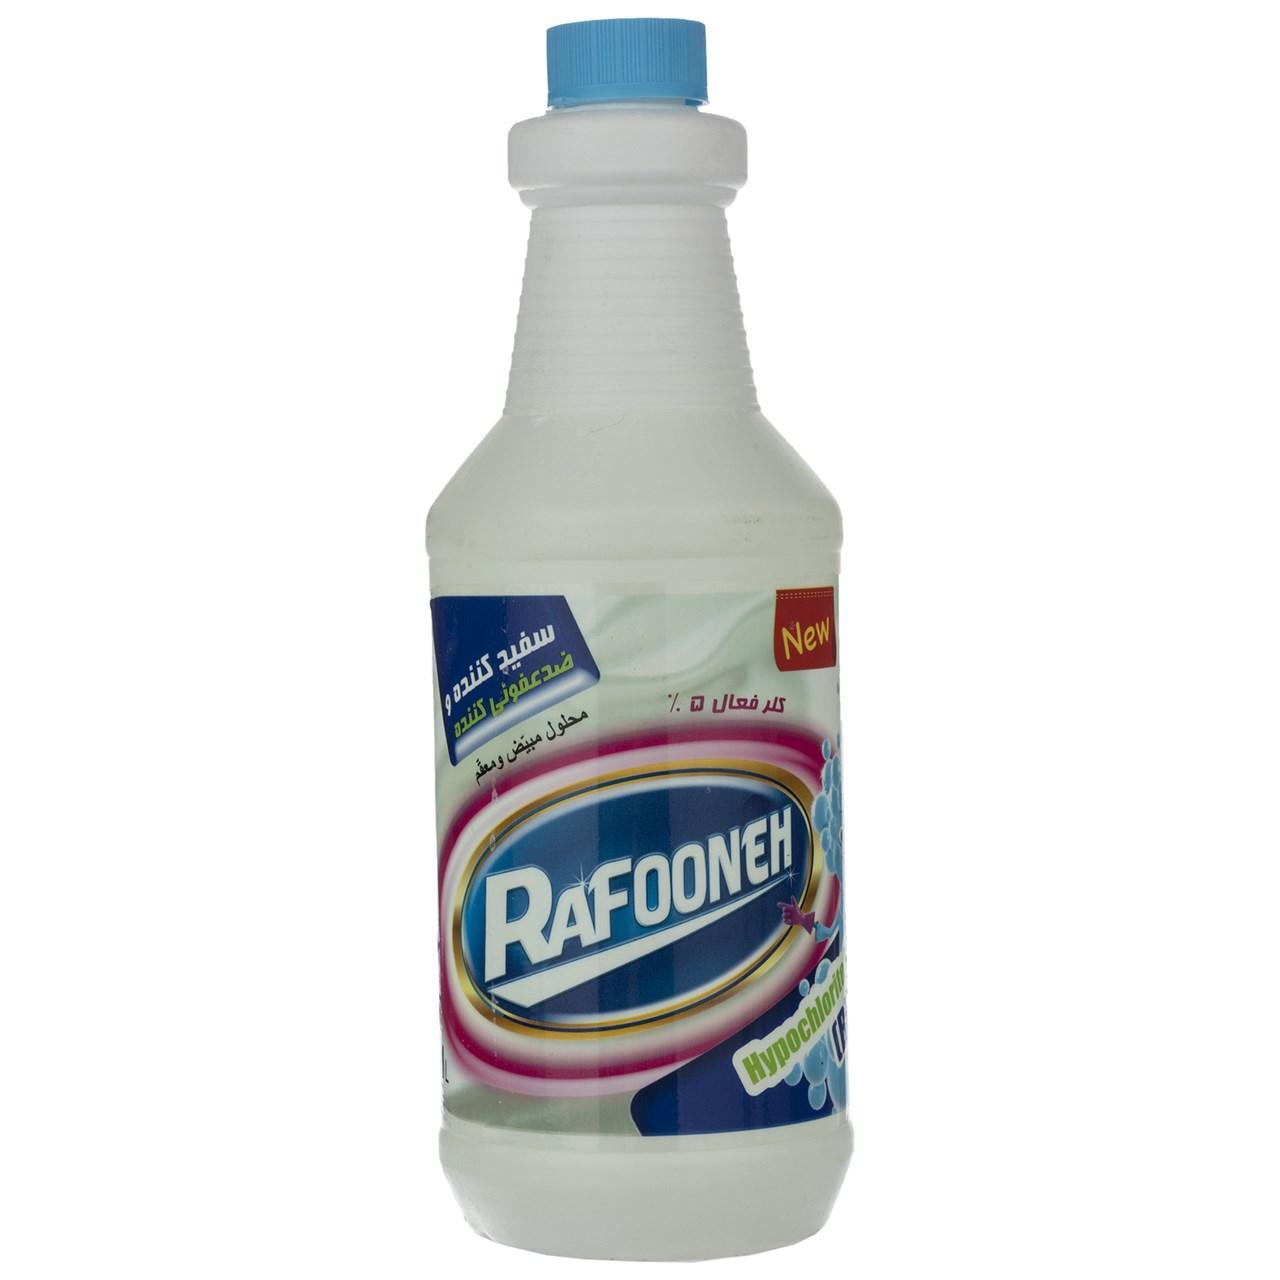 مایع سفید کننده رافونه مقدار 1000 گرم